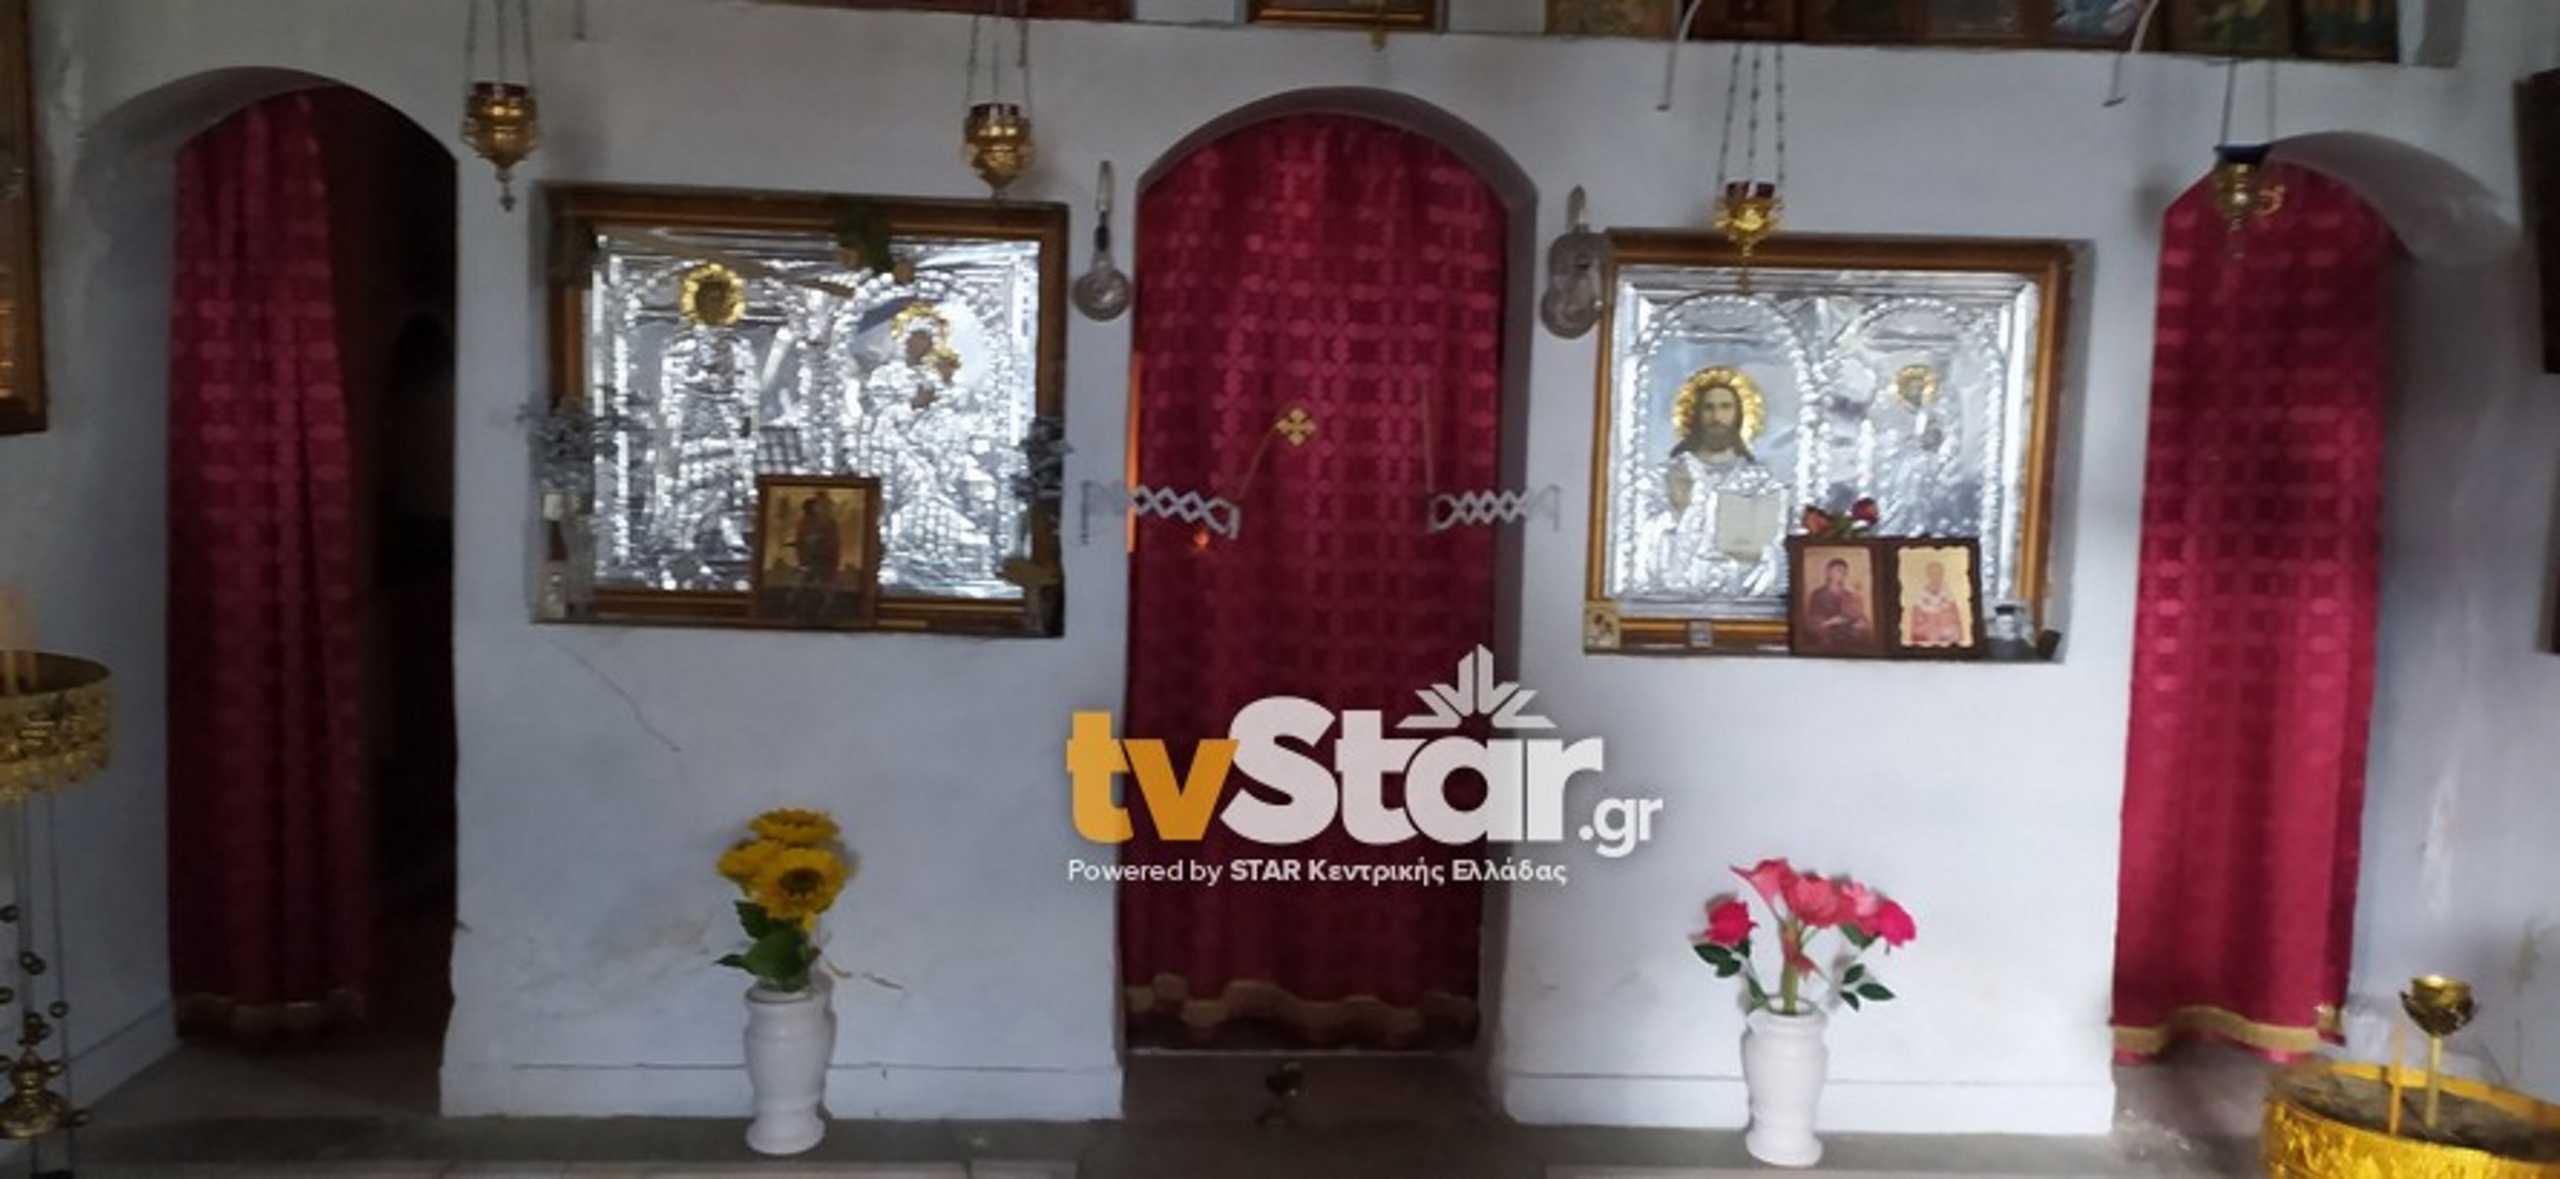 Βεβήλωσαν εκκλησία στη Λιβαδειά – Αφόδευσαν στην Αγία Τράπεζα (pics, vid)